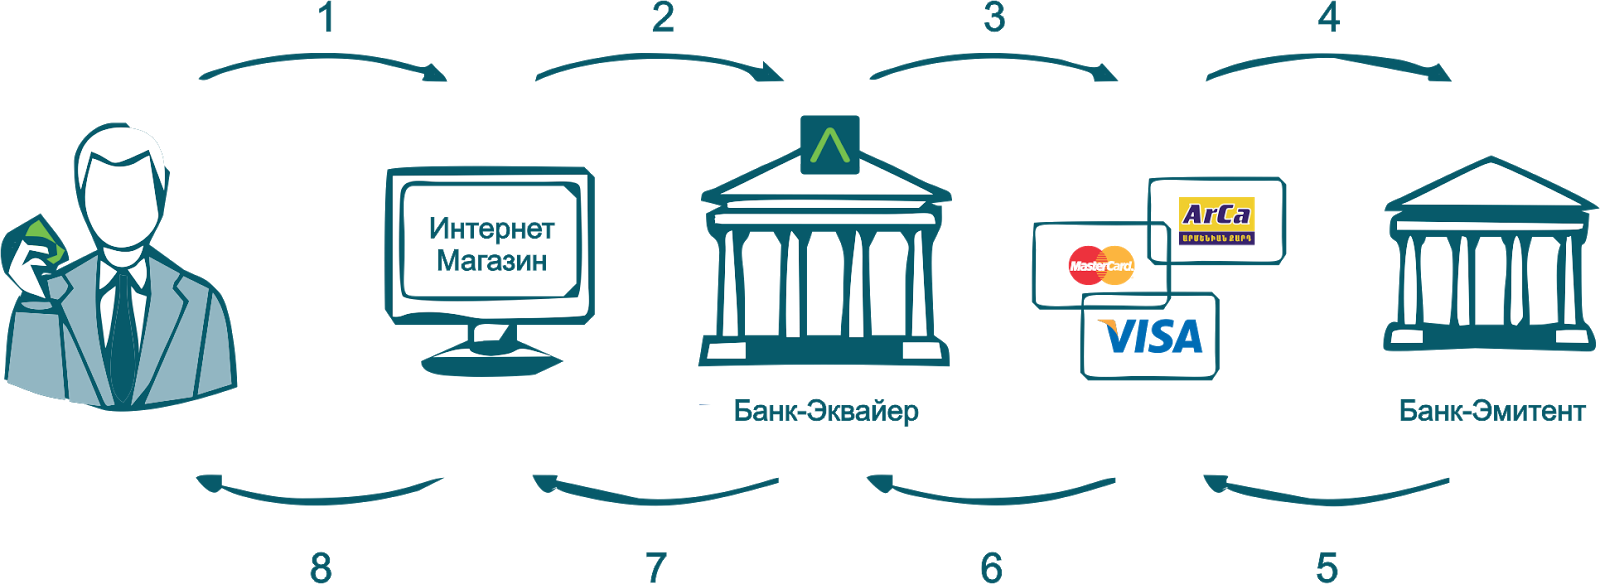 Что делать, если карта или операция отклонена банком эмитентом